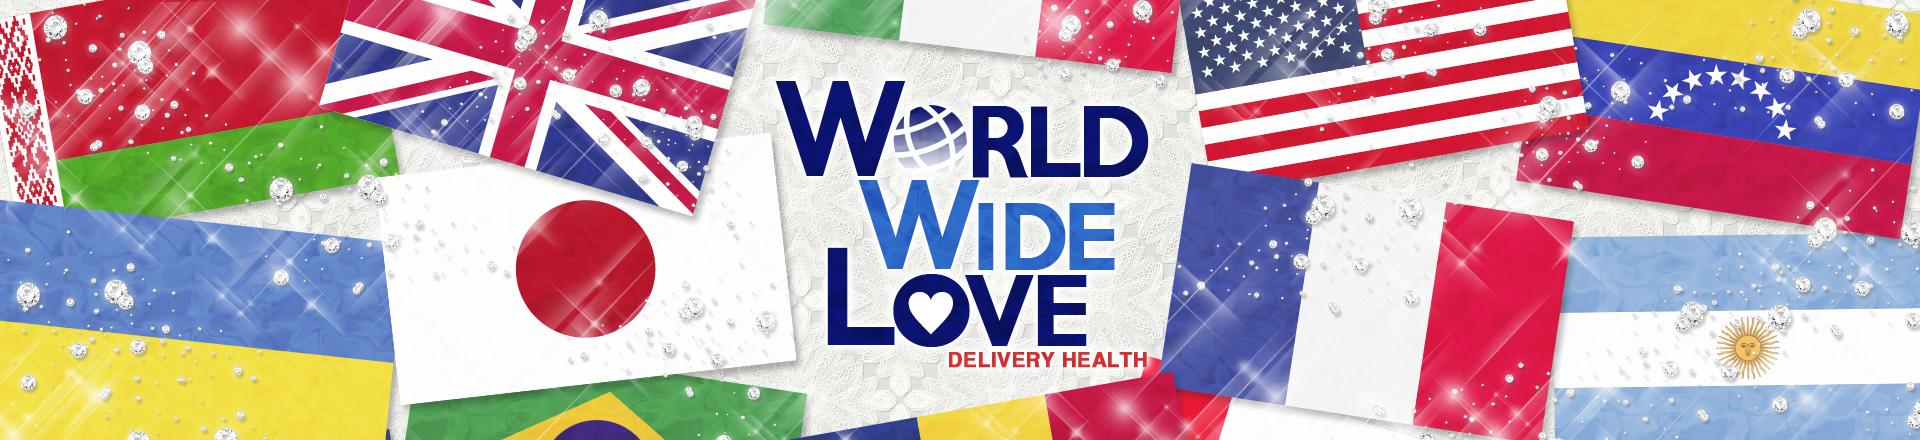 大阪デリヘル『WORLD WIDE LOVE ワールド ワイド ラブ』